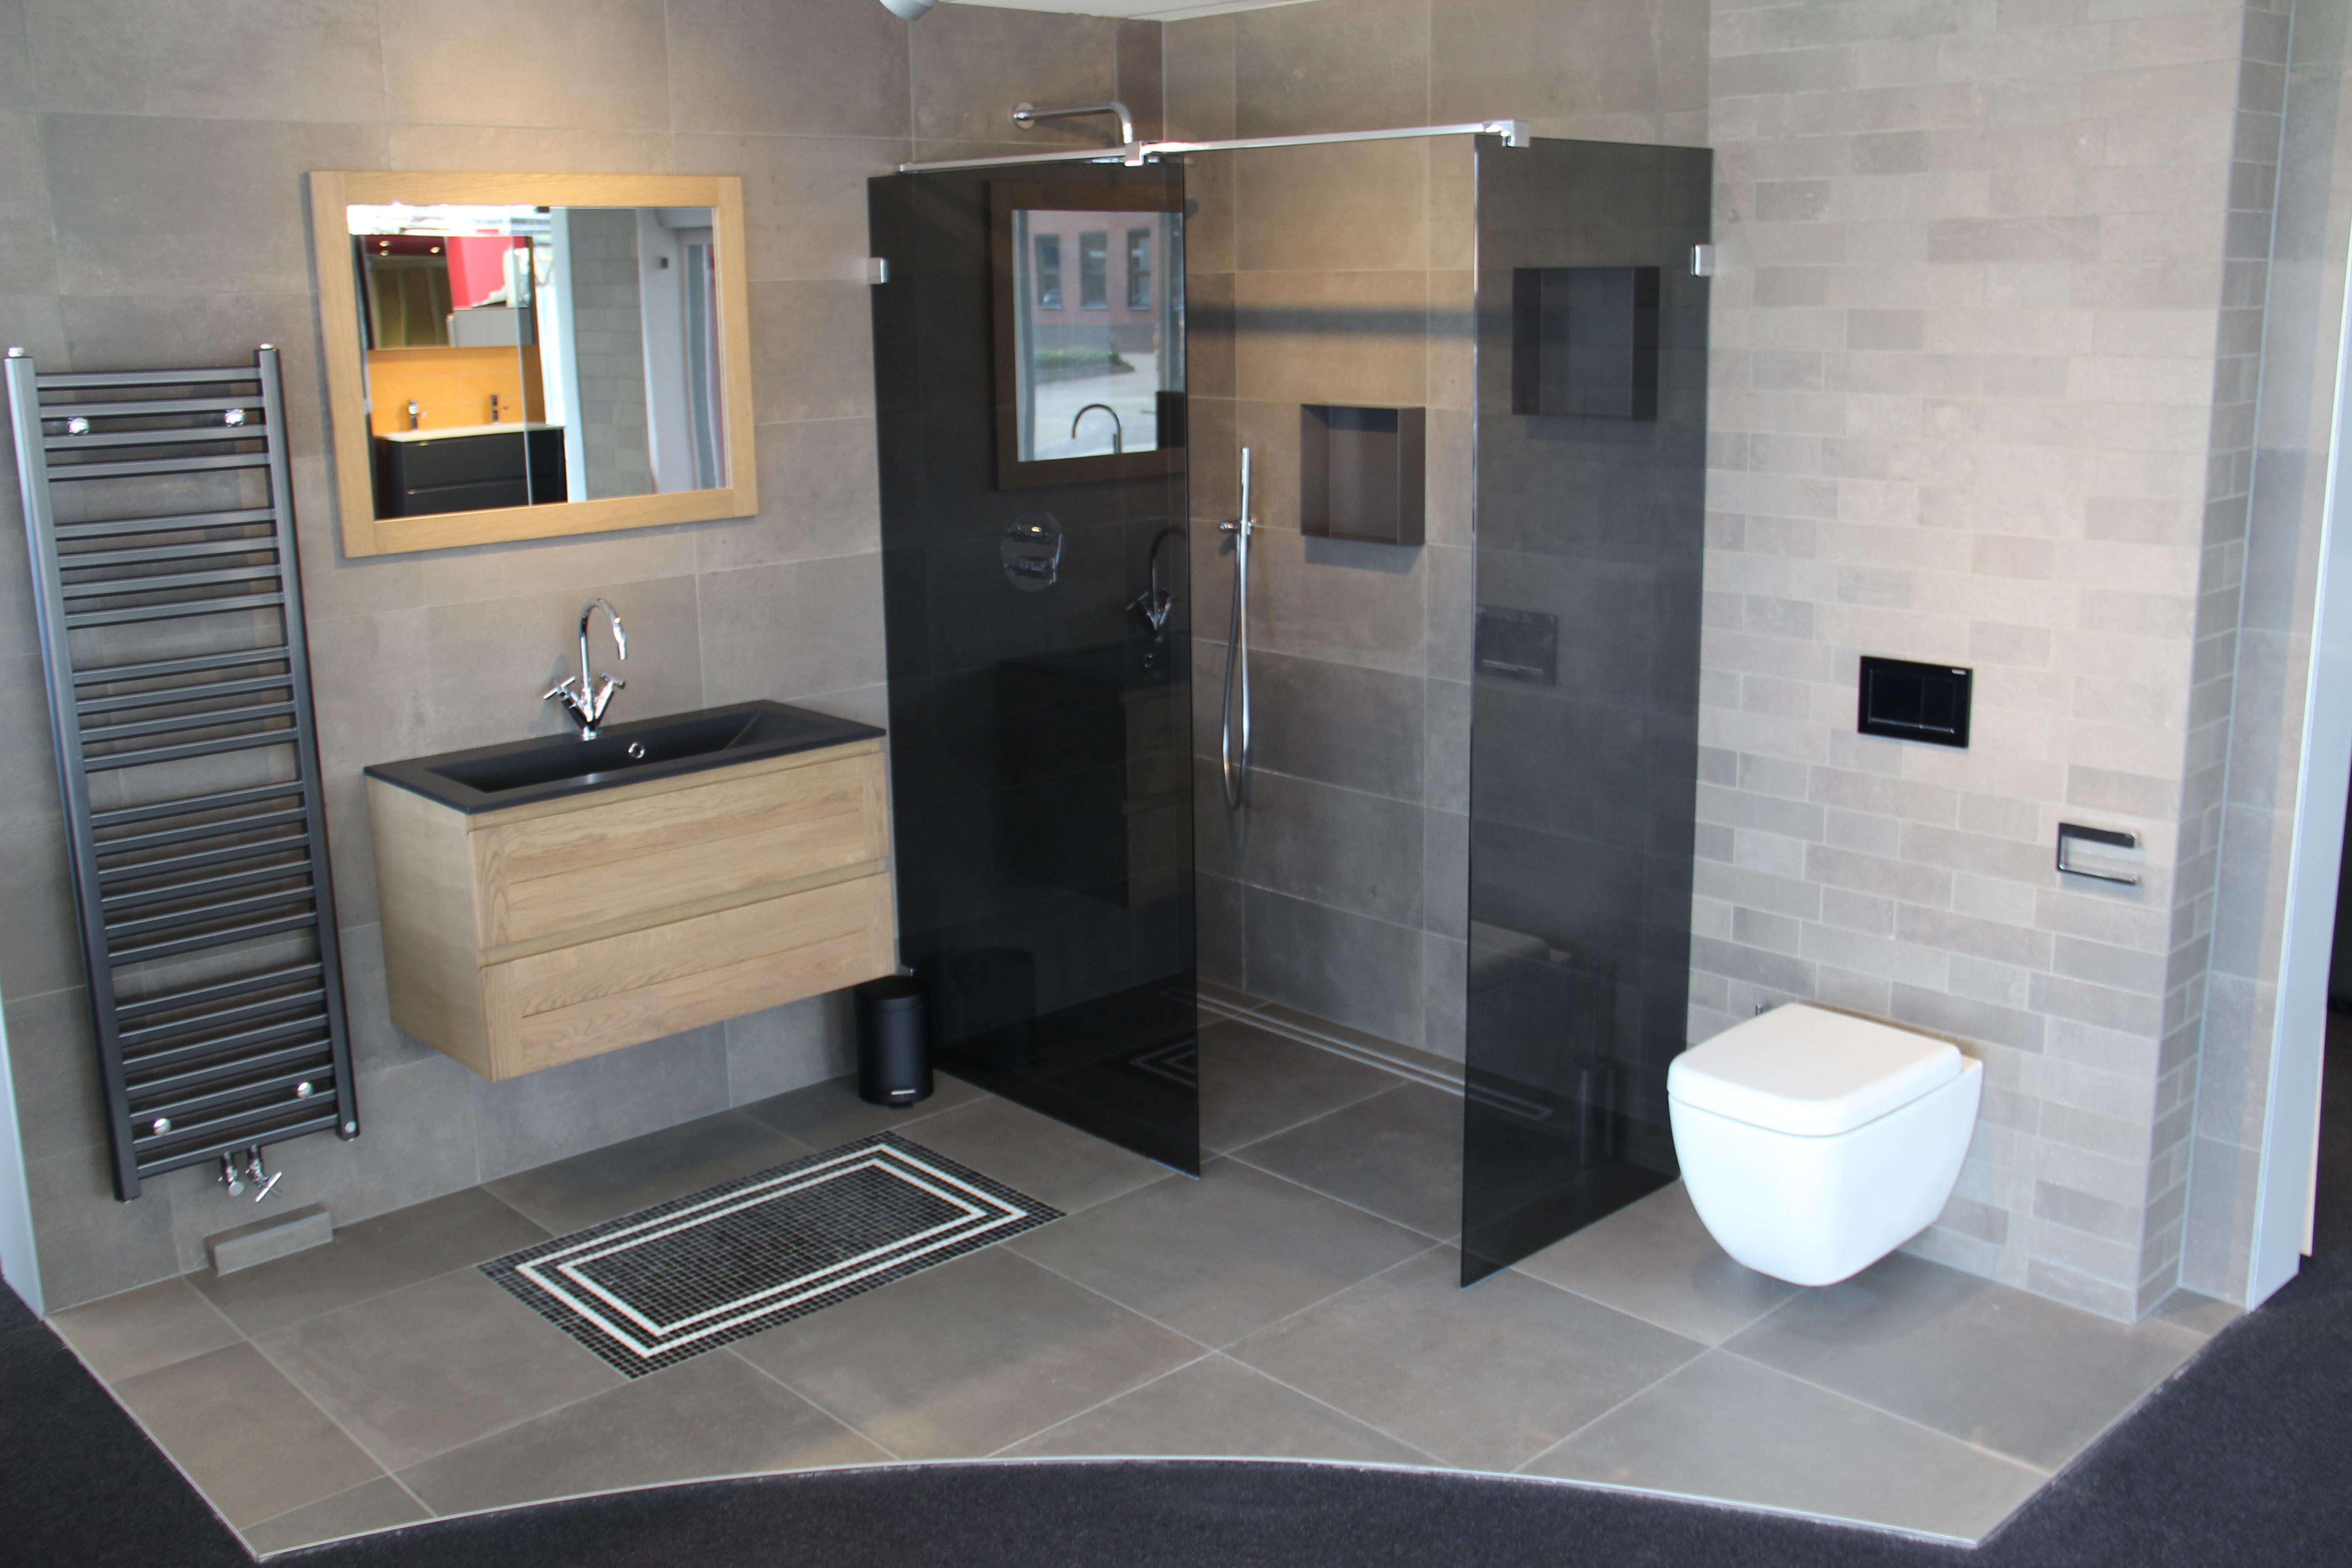 Badkamer tegel idee - Idee van deco badkamer ...